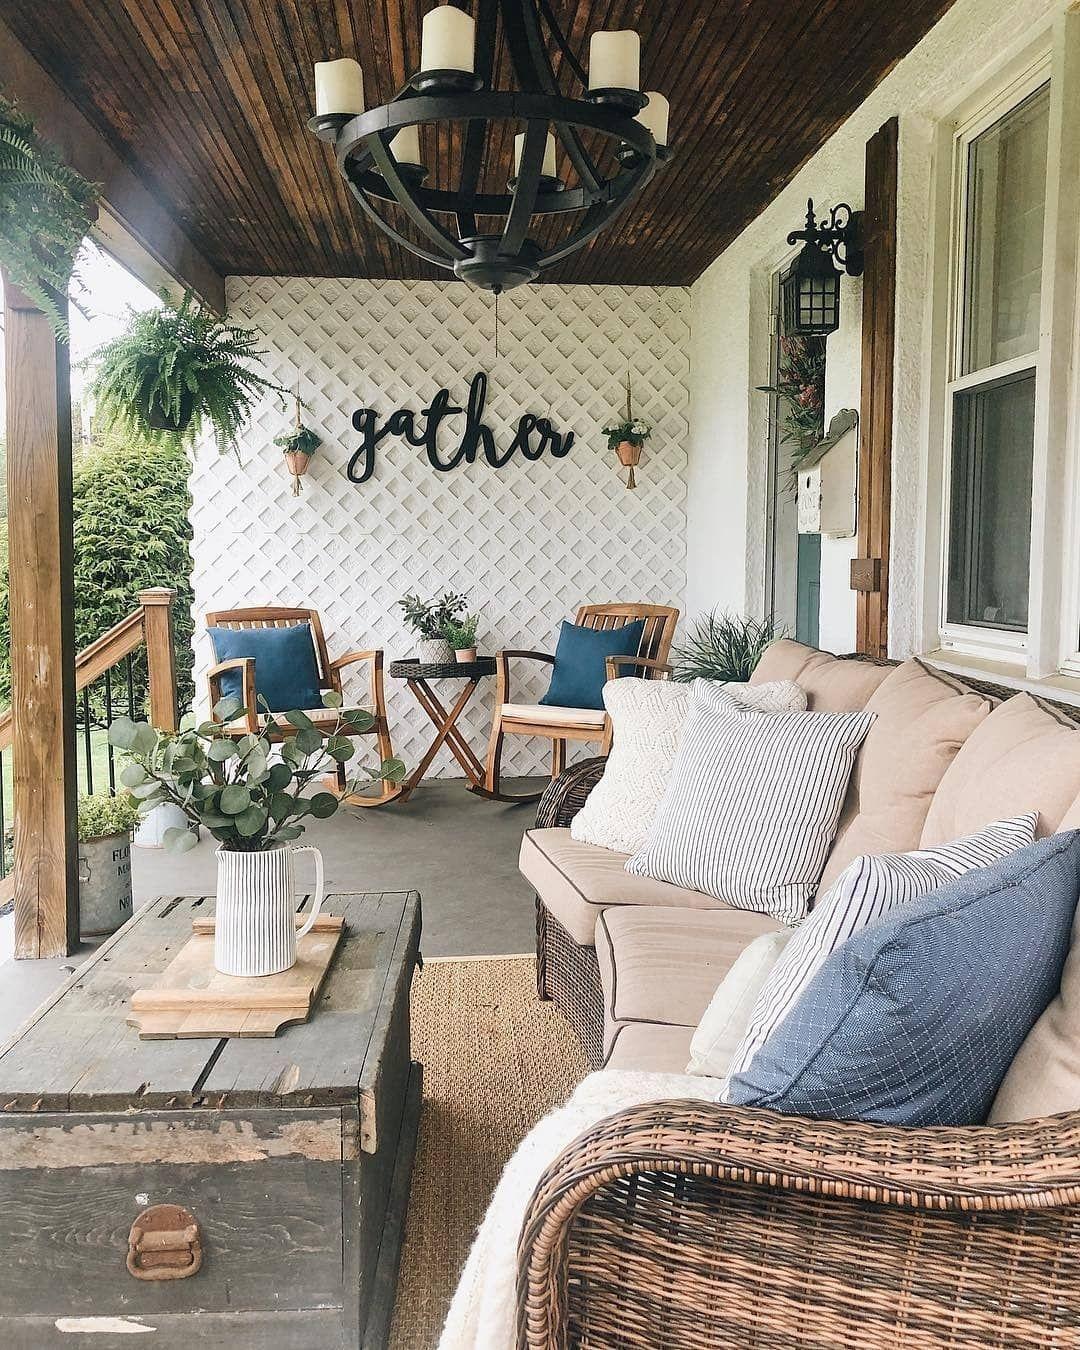 Popular Farmhouse Home Decor Ideas To Copy Asap 11